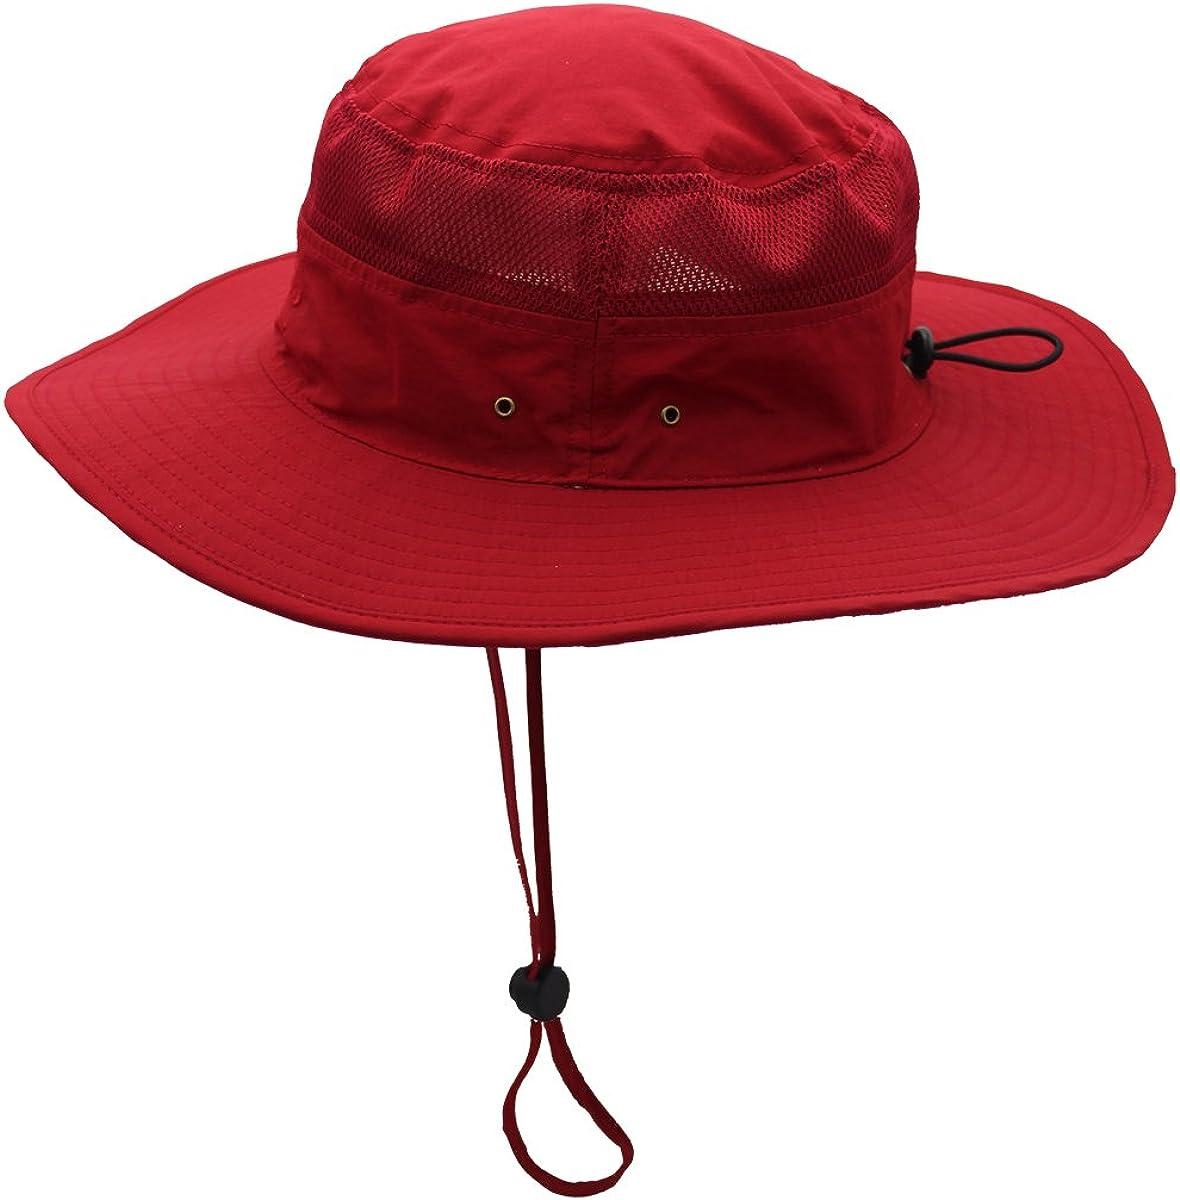 Verschiedene Farben Outfly Wide Brim Sonnenhut Mesh Bucket Hut Leichtgewicht Bonnie Hut Perfekt f/ür Outdoor-Aktivit/äten